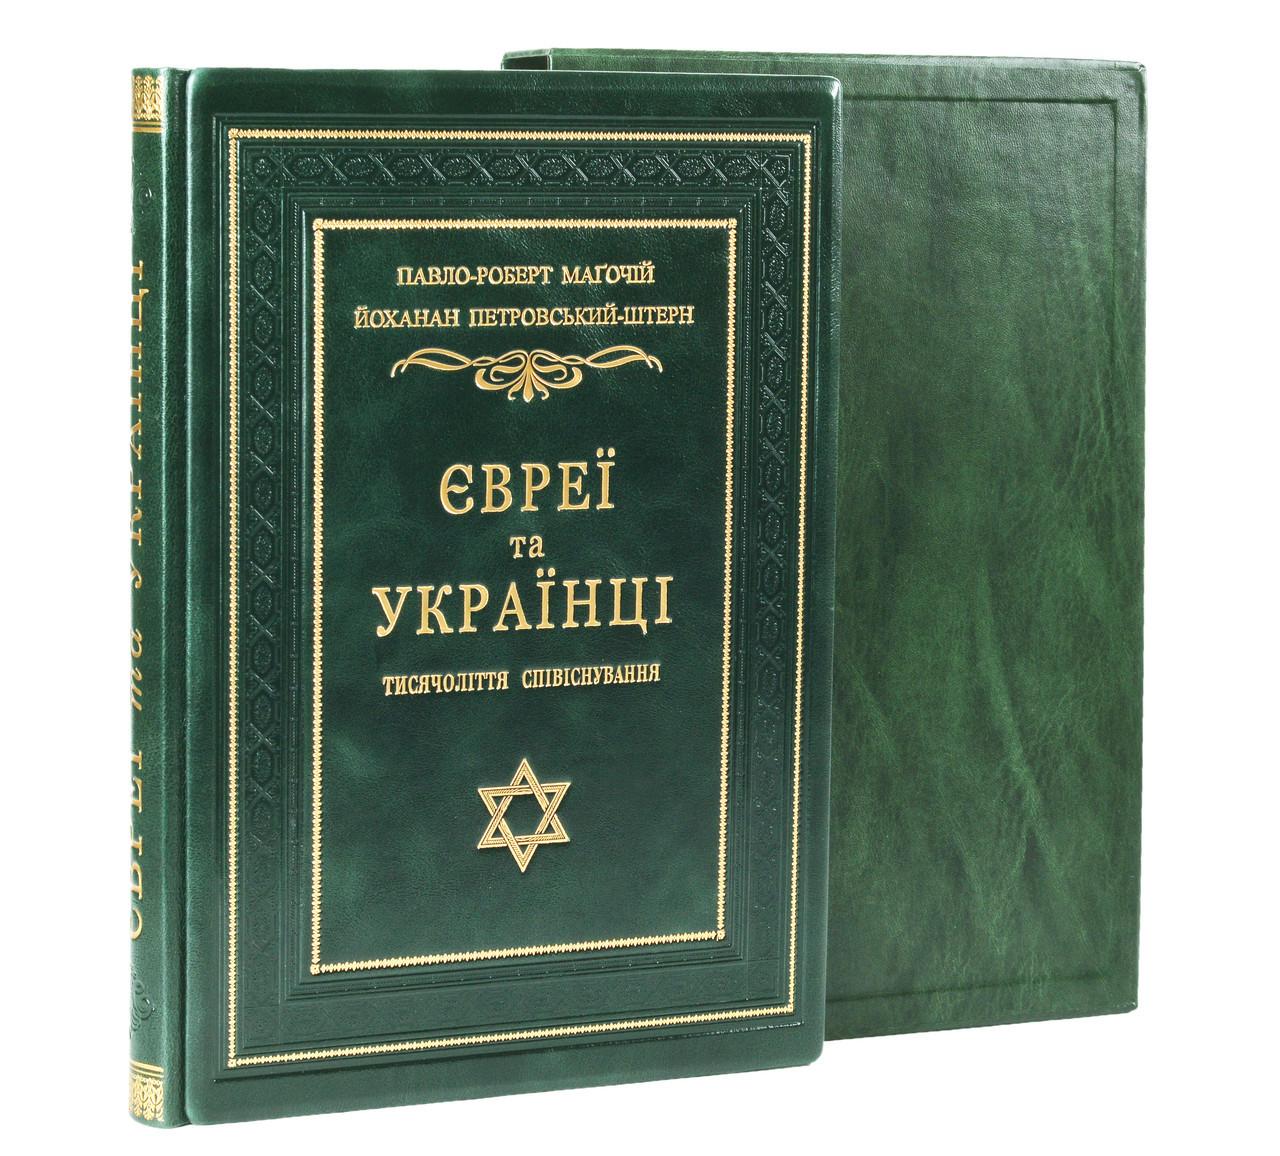 Євреї та українці тисячоліття співіснування. Подарочное издание в кожаном переплете и кожаном футляре